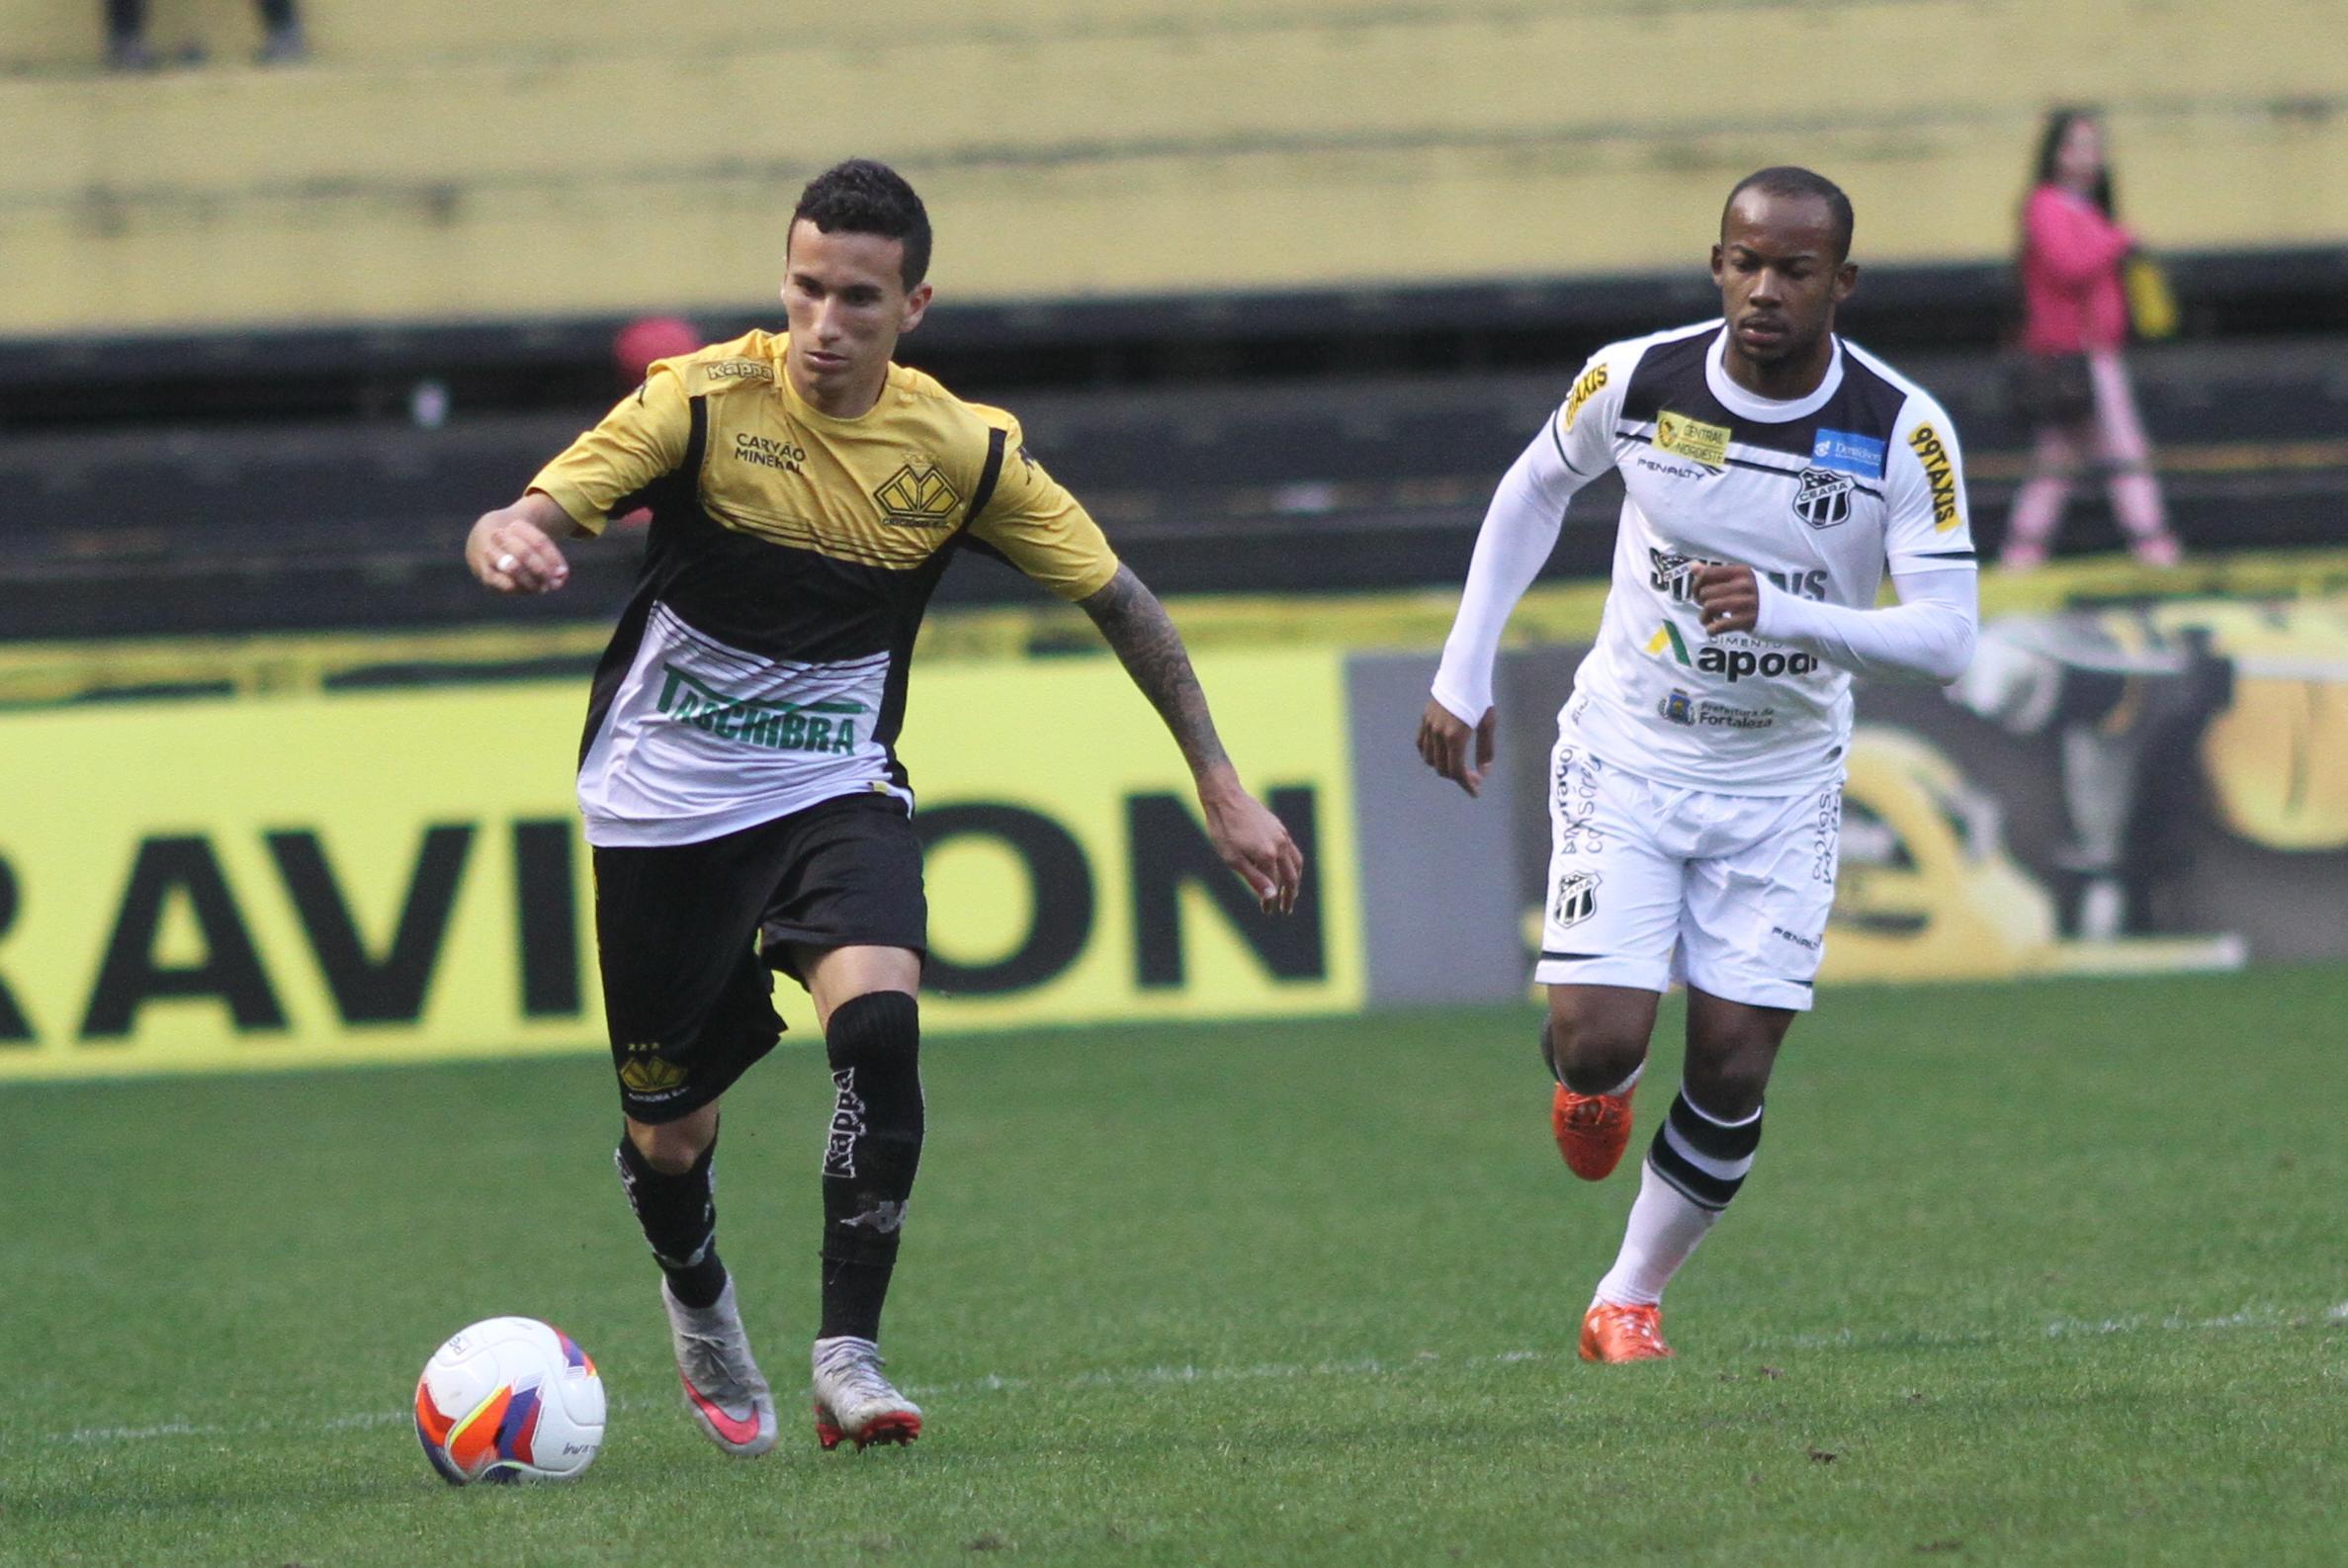 Com a derrota, Ceará caiu para a 18ª posição. Foto: Fernando Ribeiro/CriciúmaEC/Divulgação